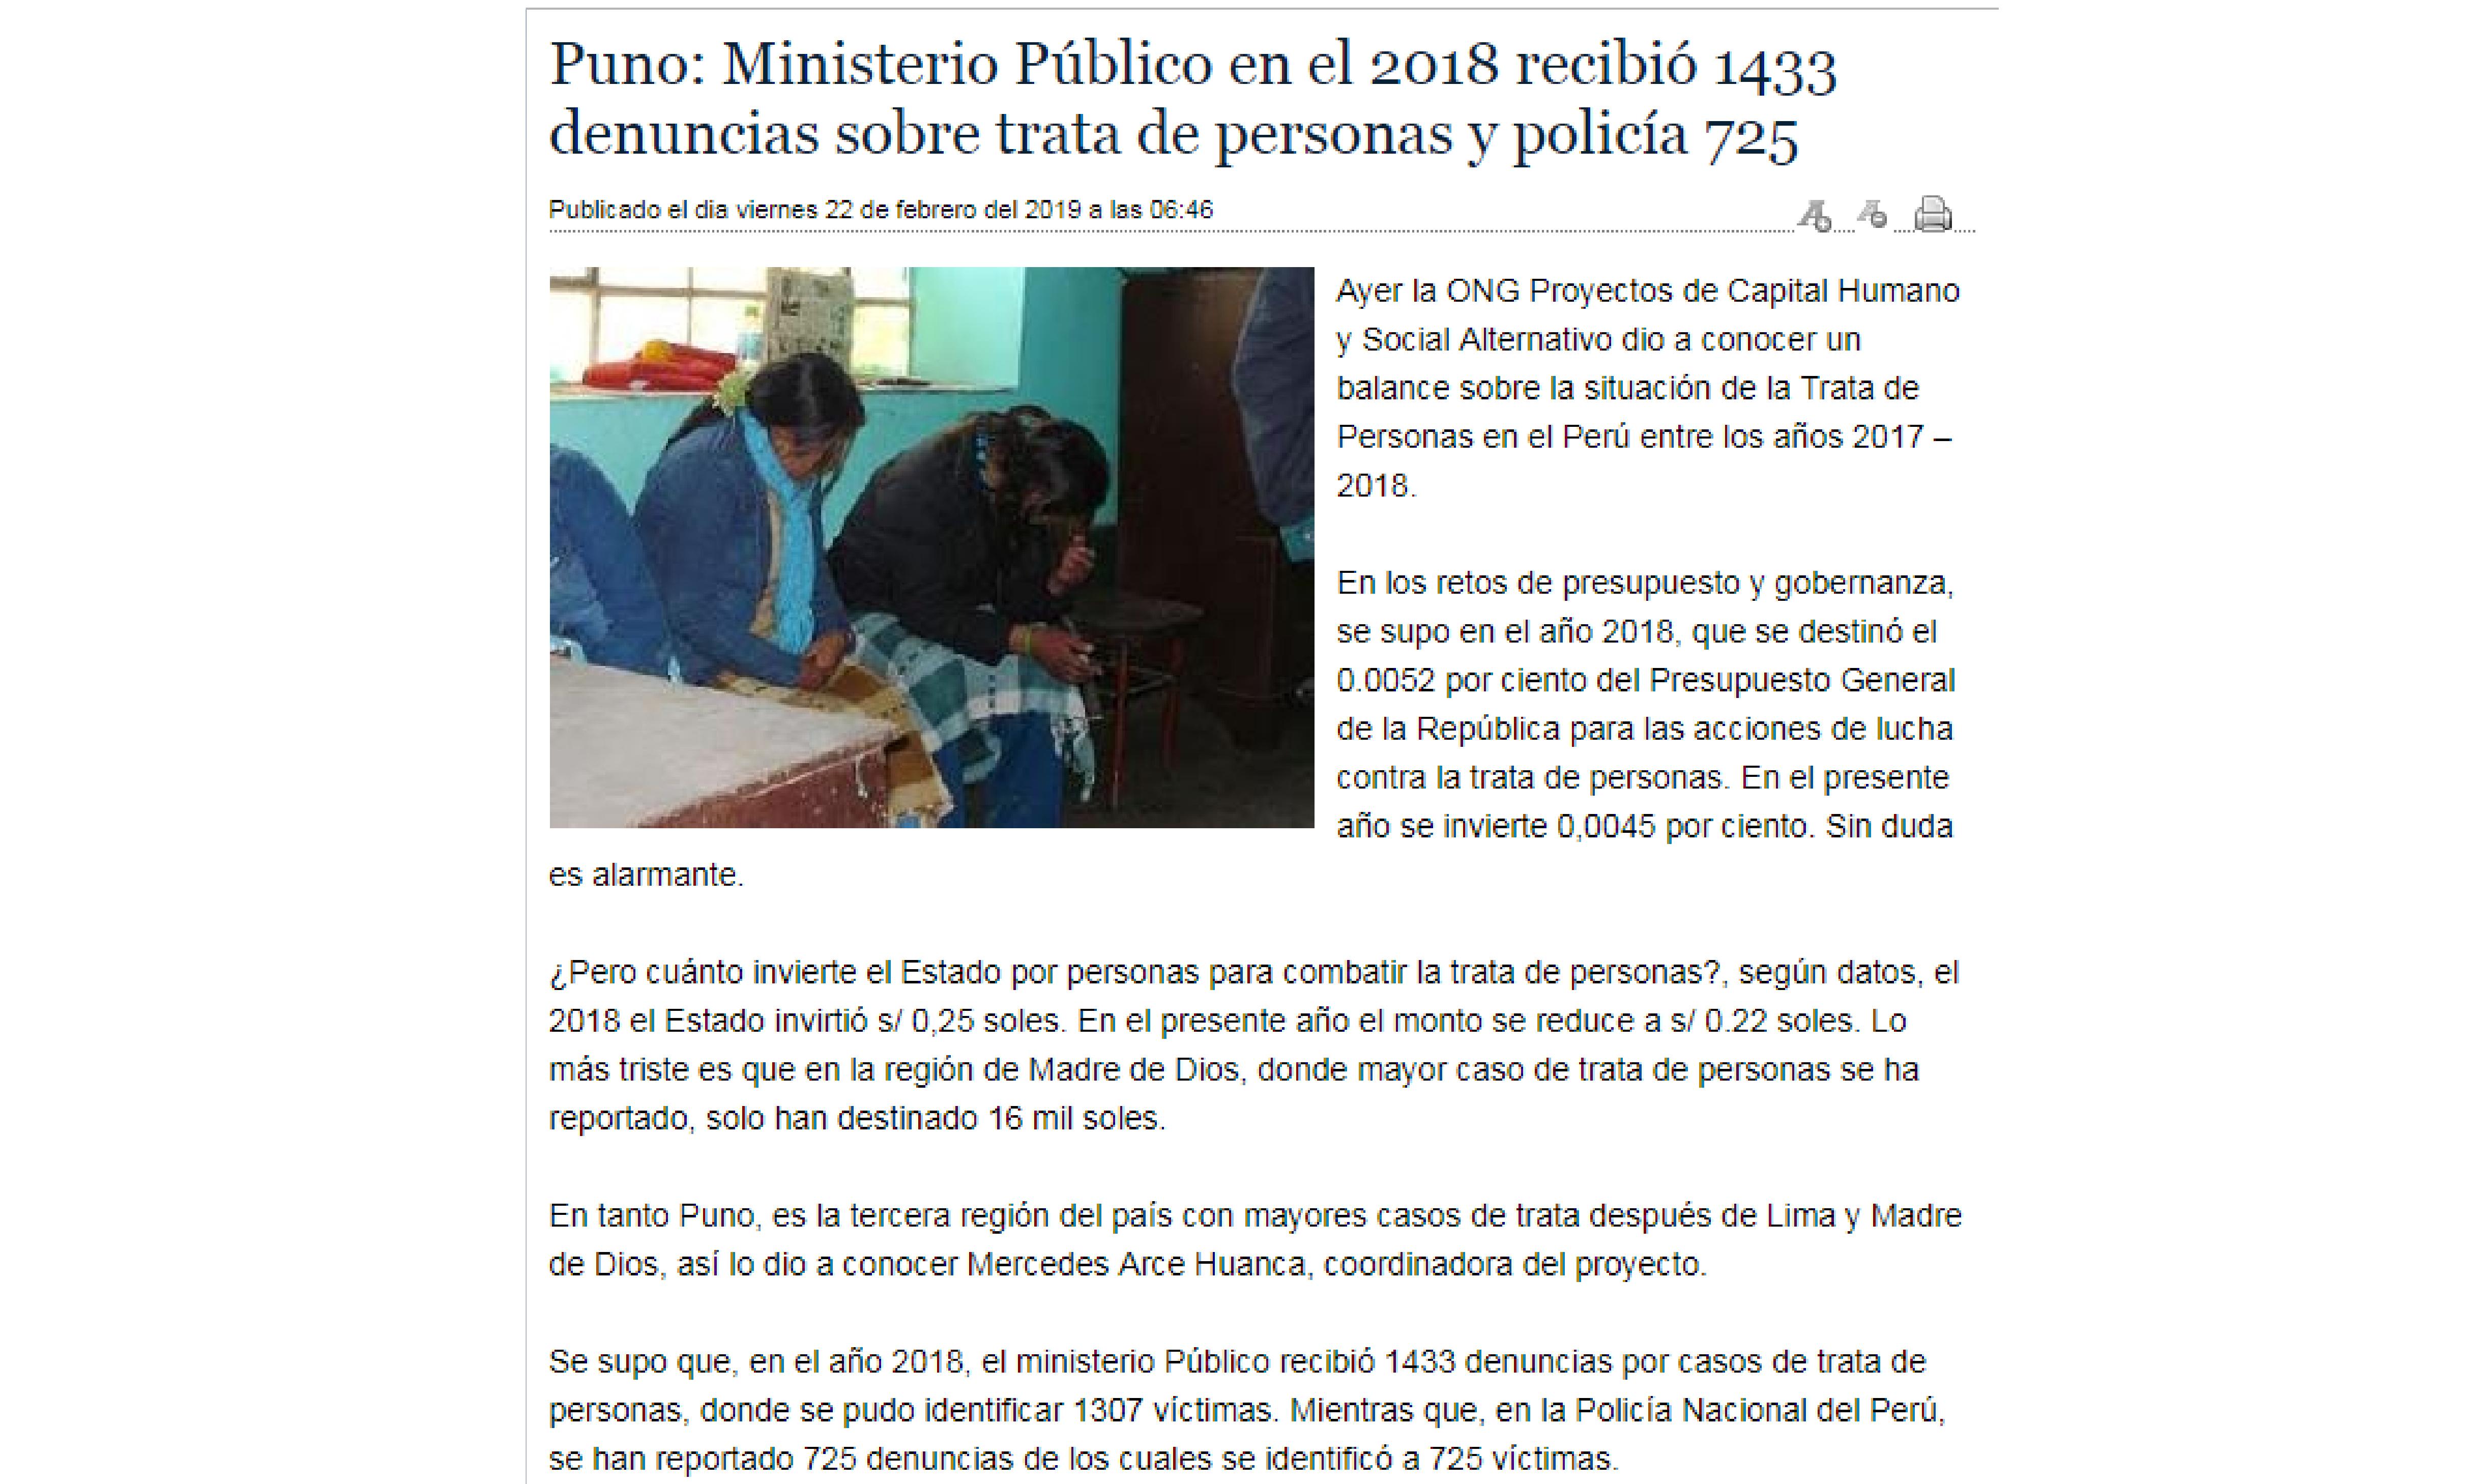 Puno: Ministerio Público en el 2018 recibió 1433 denuncias sobre trata de personas y policía 725